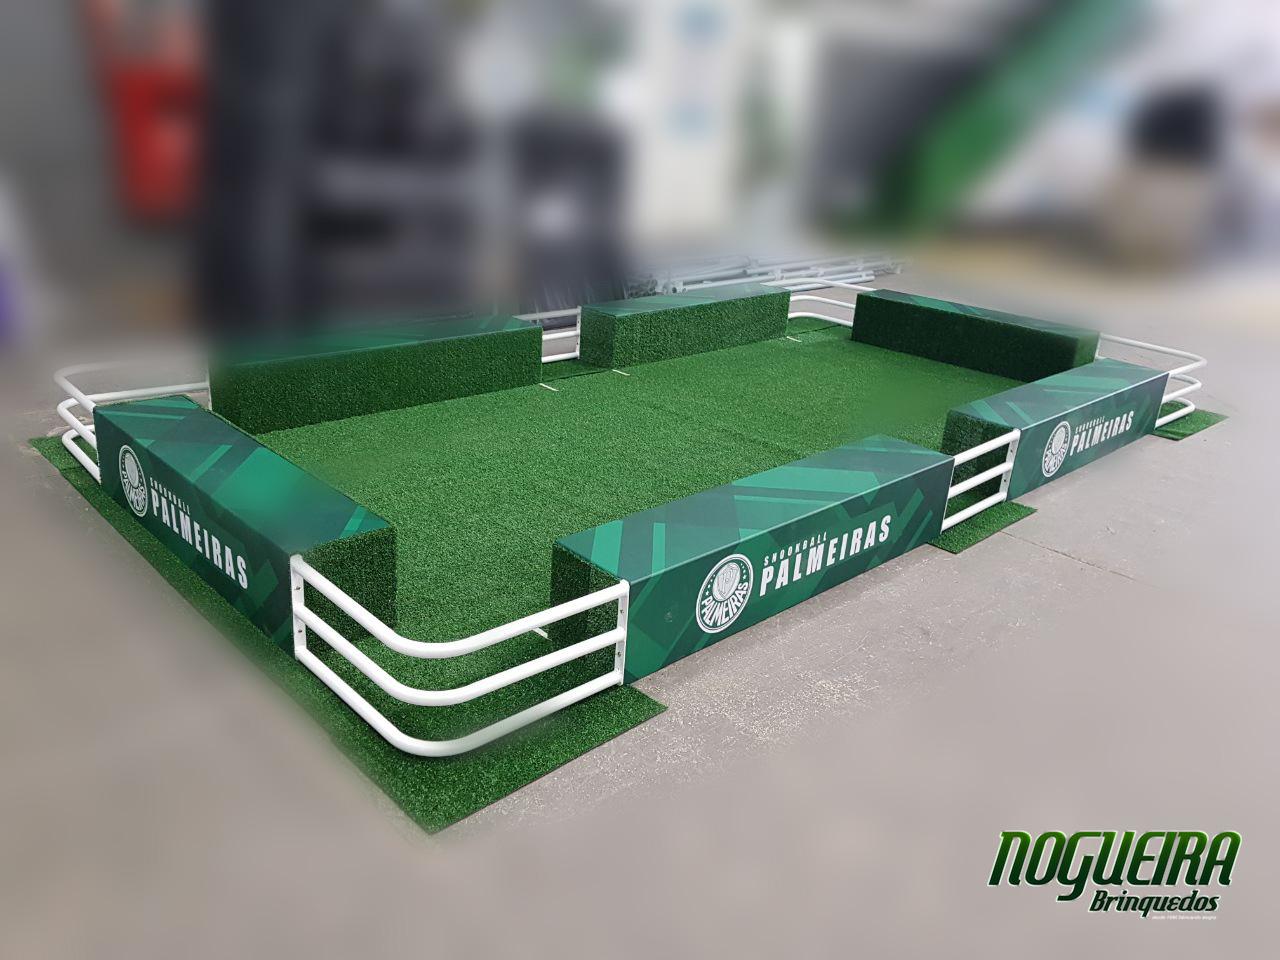 Brinquedos Sociedade Esportiva Palmeiras - Allianz Park (5)